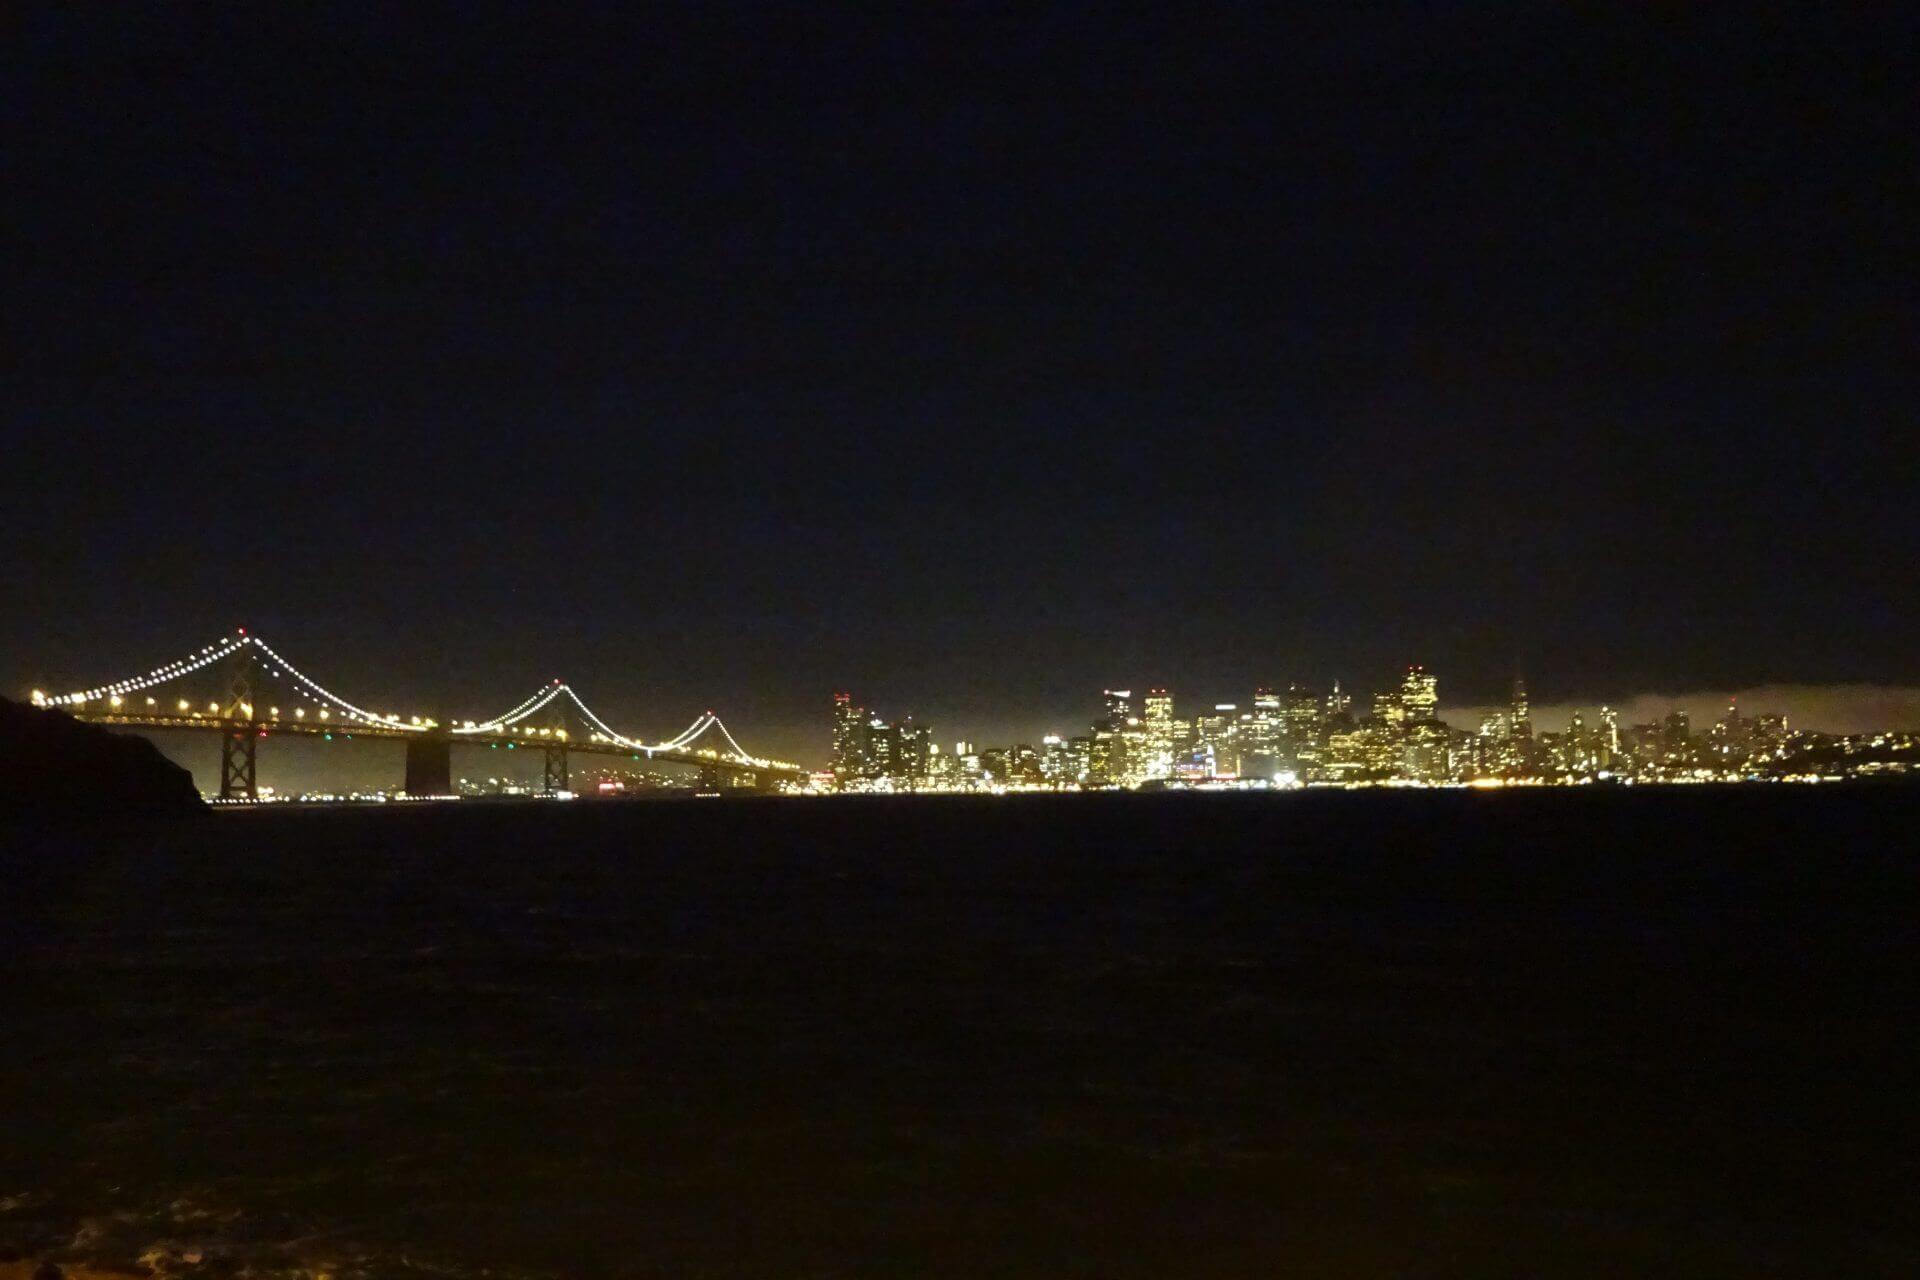 Bay Bridge bei Nacht. Bilder und Eindrücke aus San Francisco, California, United States.